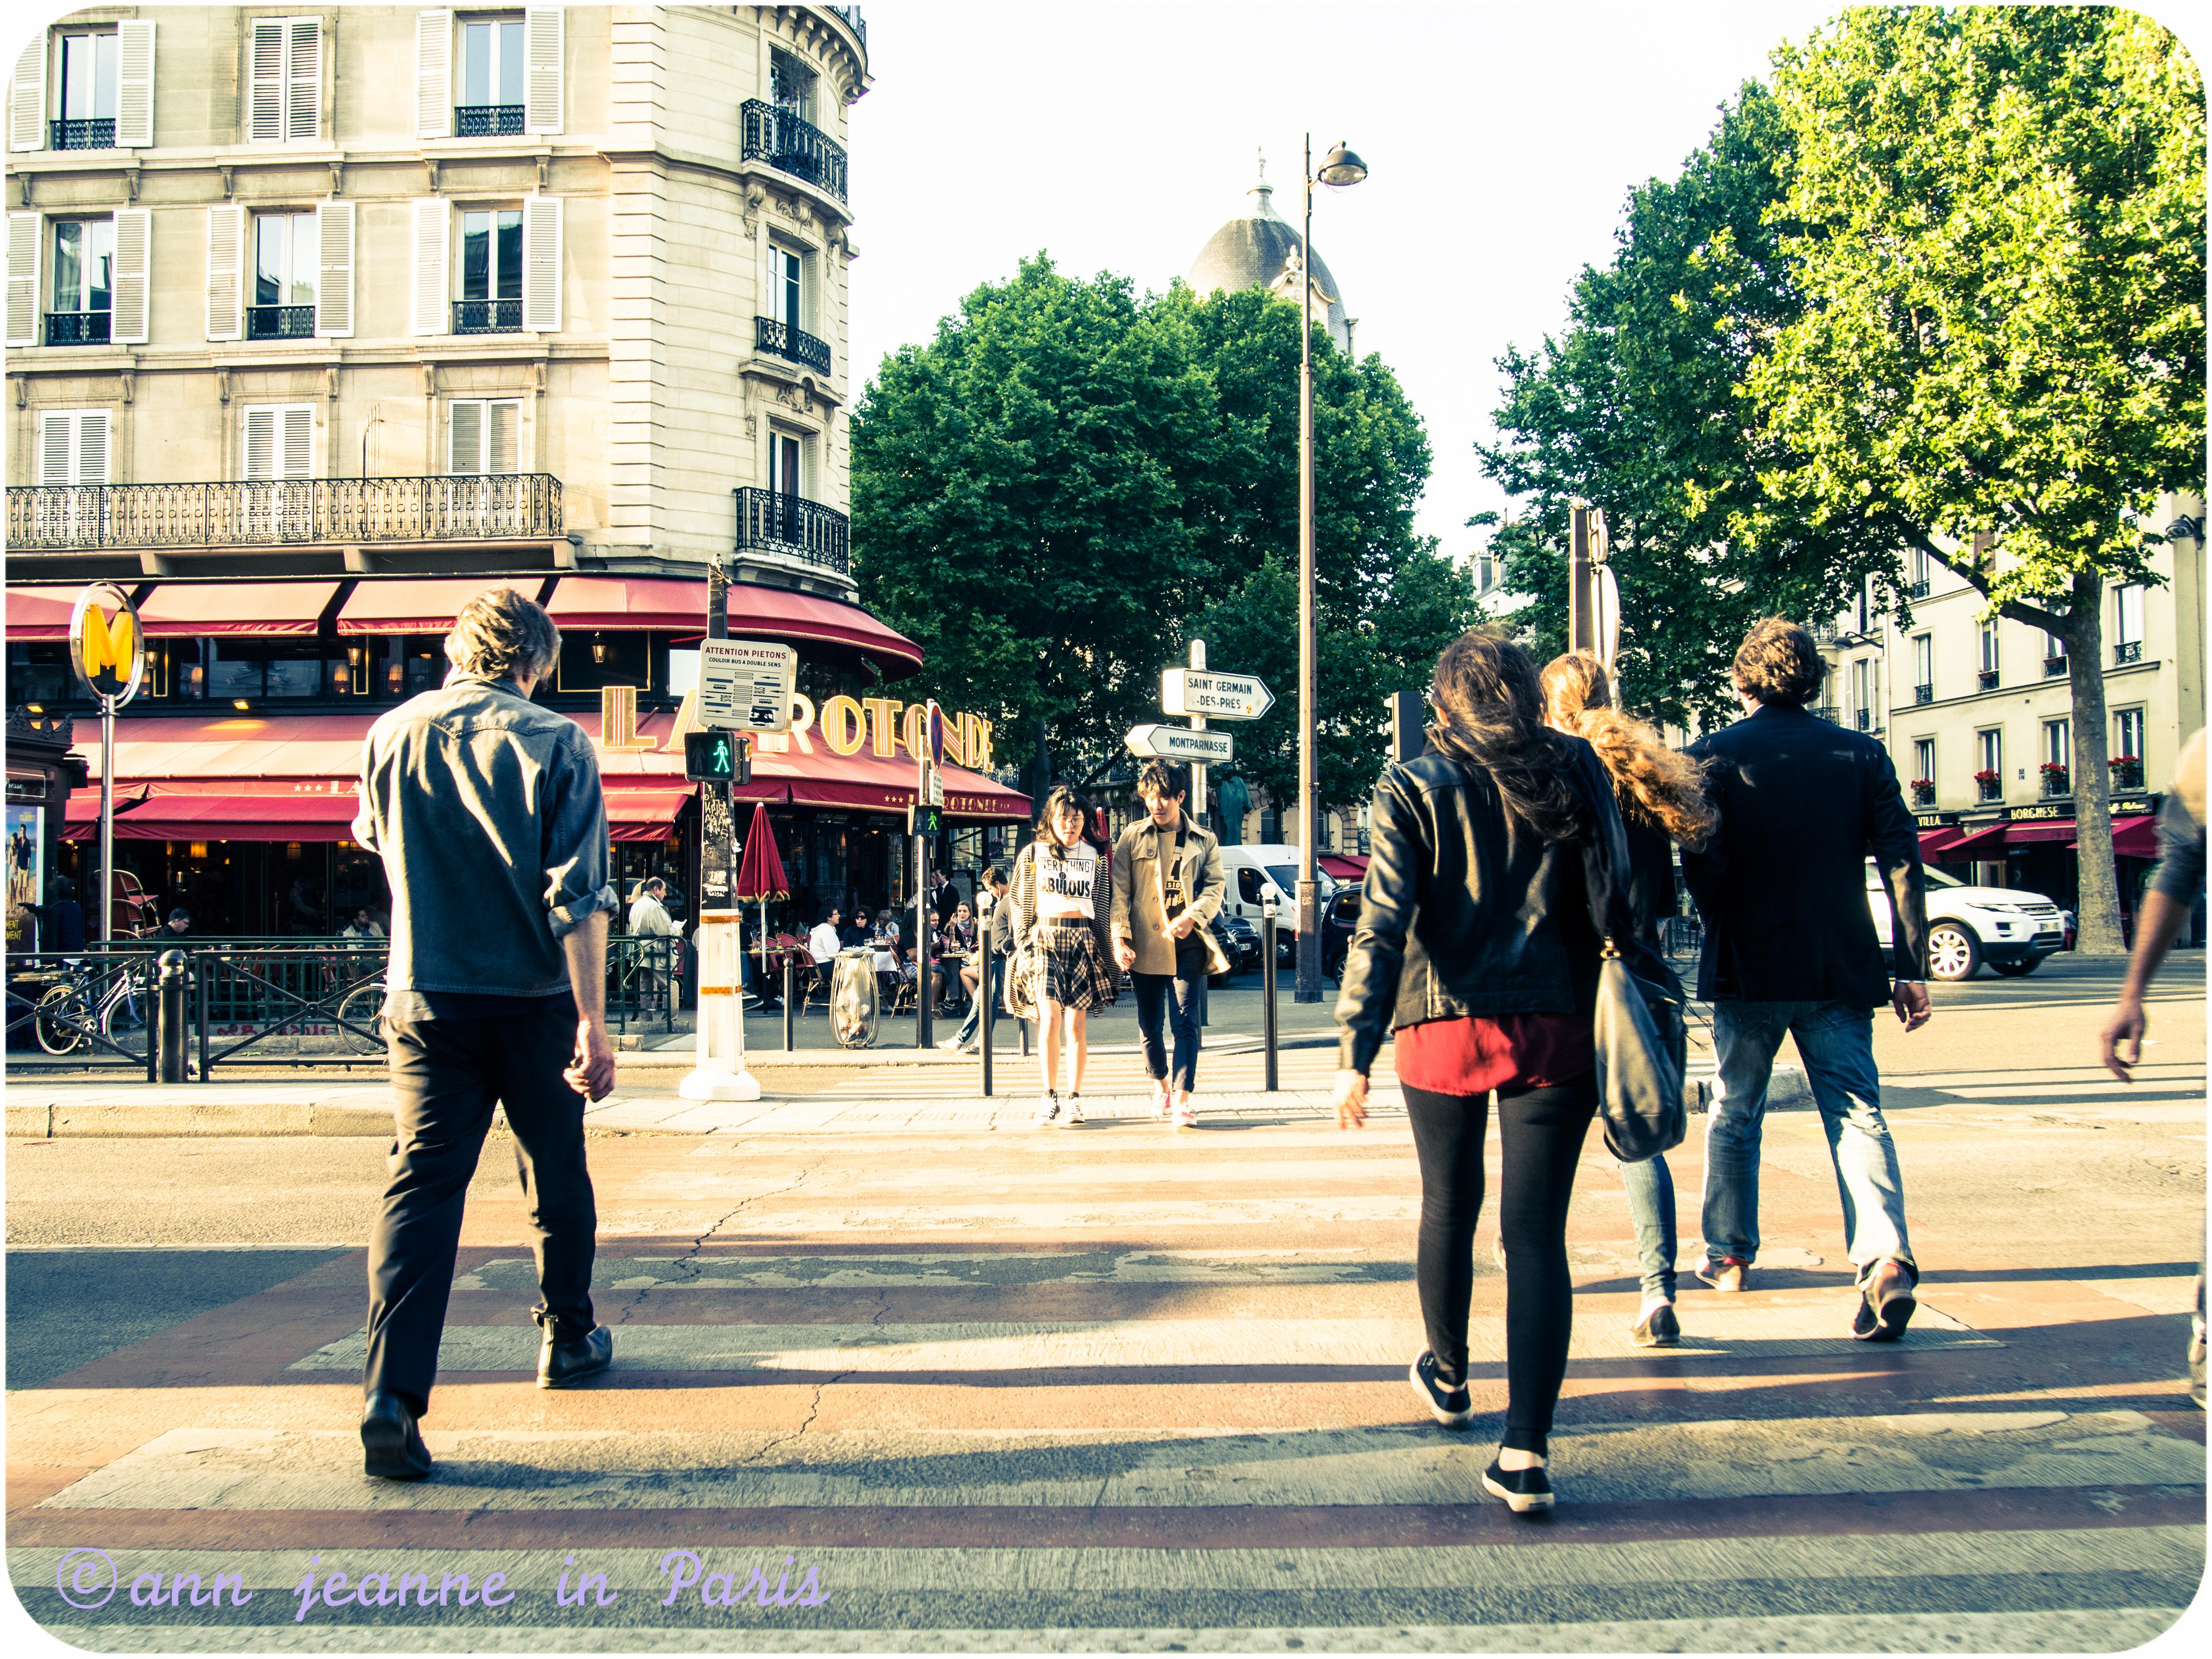 Boulevard Montparnasse